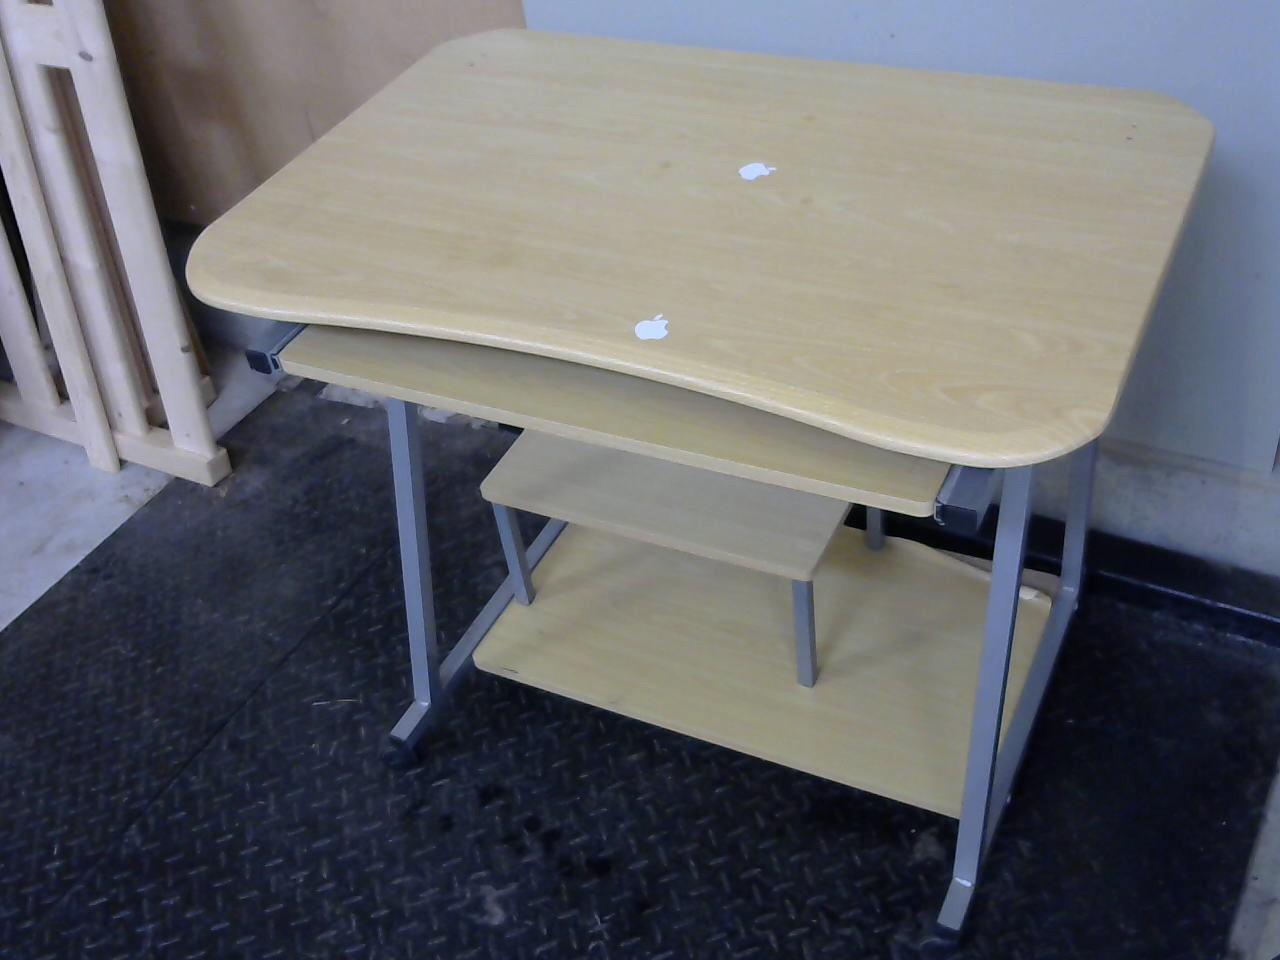 De Chevet Table Oignon Table Table Ancien Oignon Ancien Chevet De De Ajc5Rq3LS4